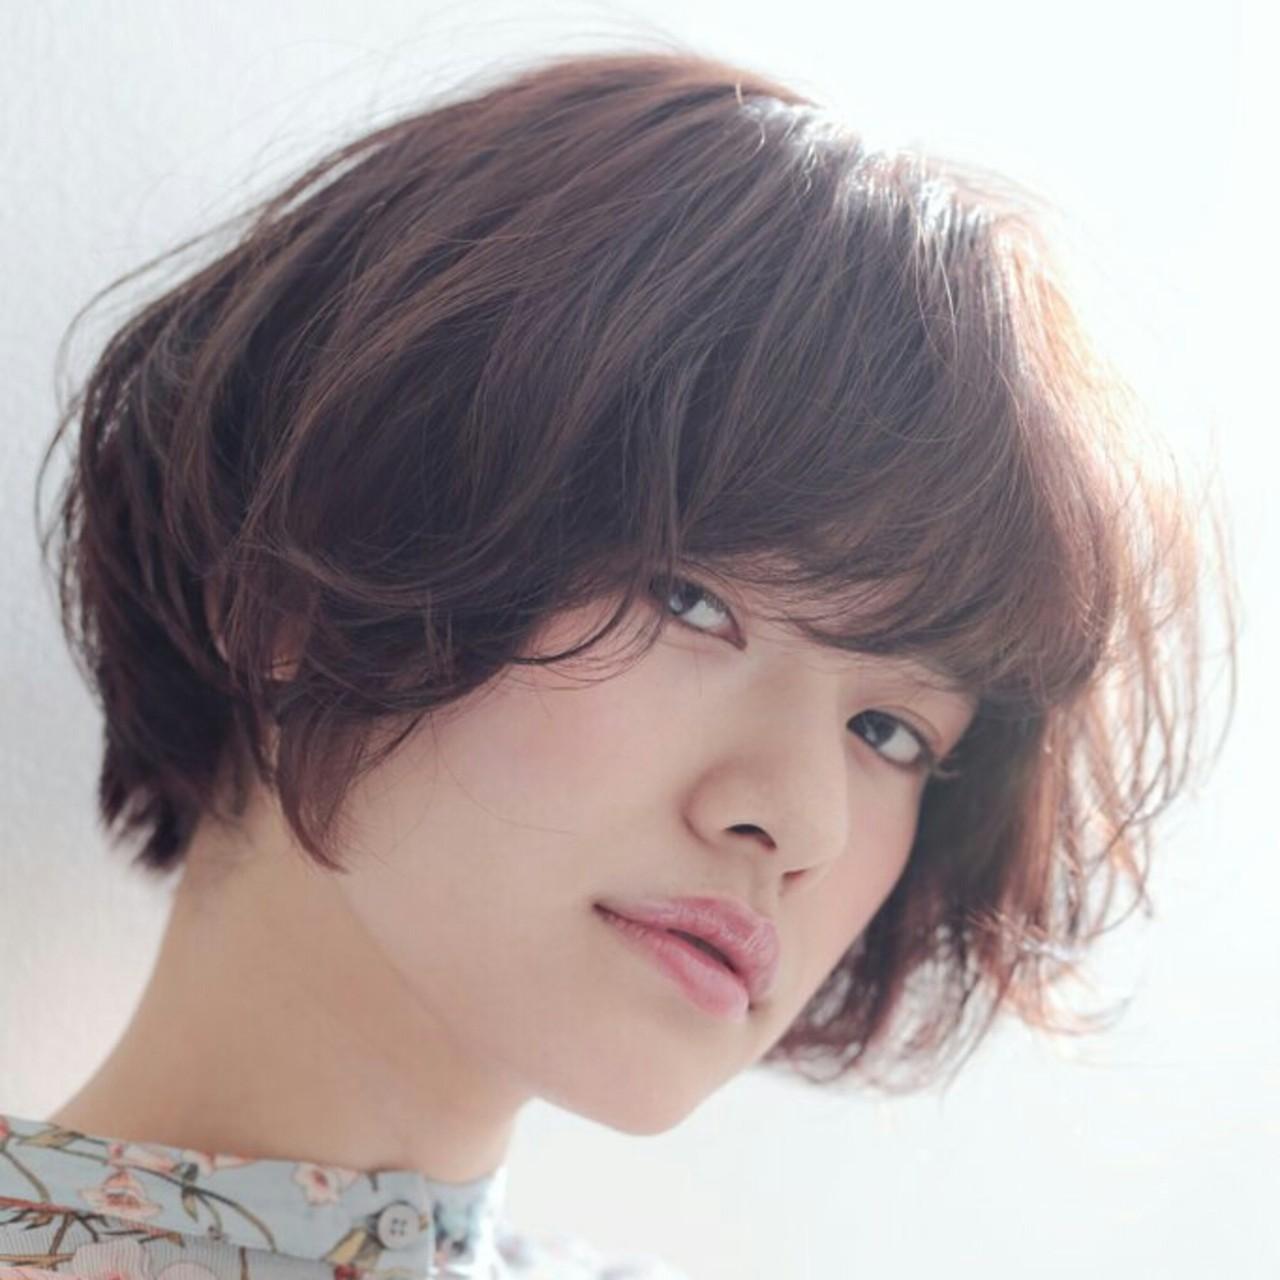 アッシュ 小顔 ニュアンス ナチュラル ヘアスタイルや髪型の写真・画像 | Yukie Horiuchi / スパイスアヴェダ